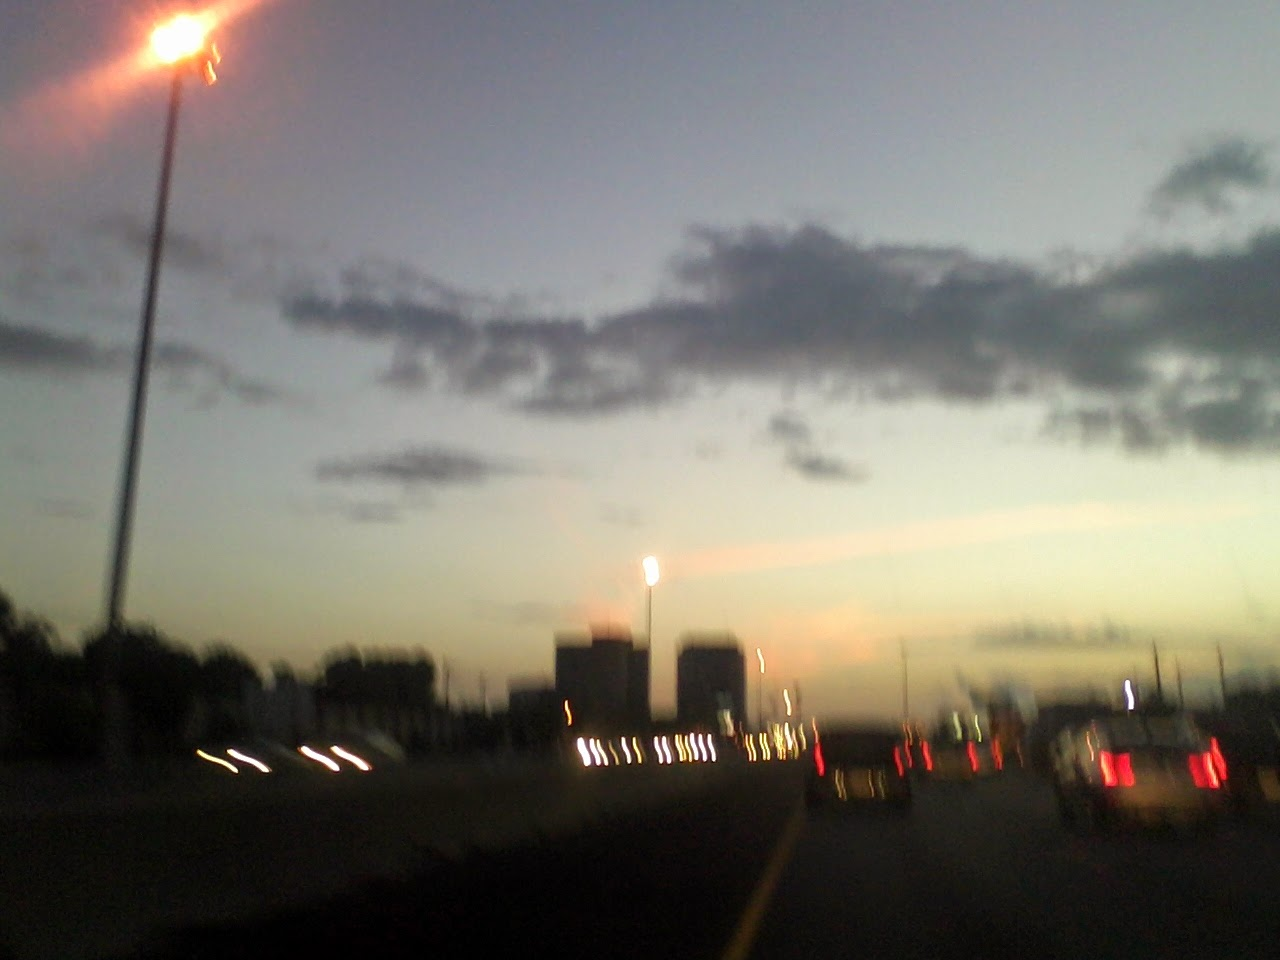 Sky - 0806063231.jpg